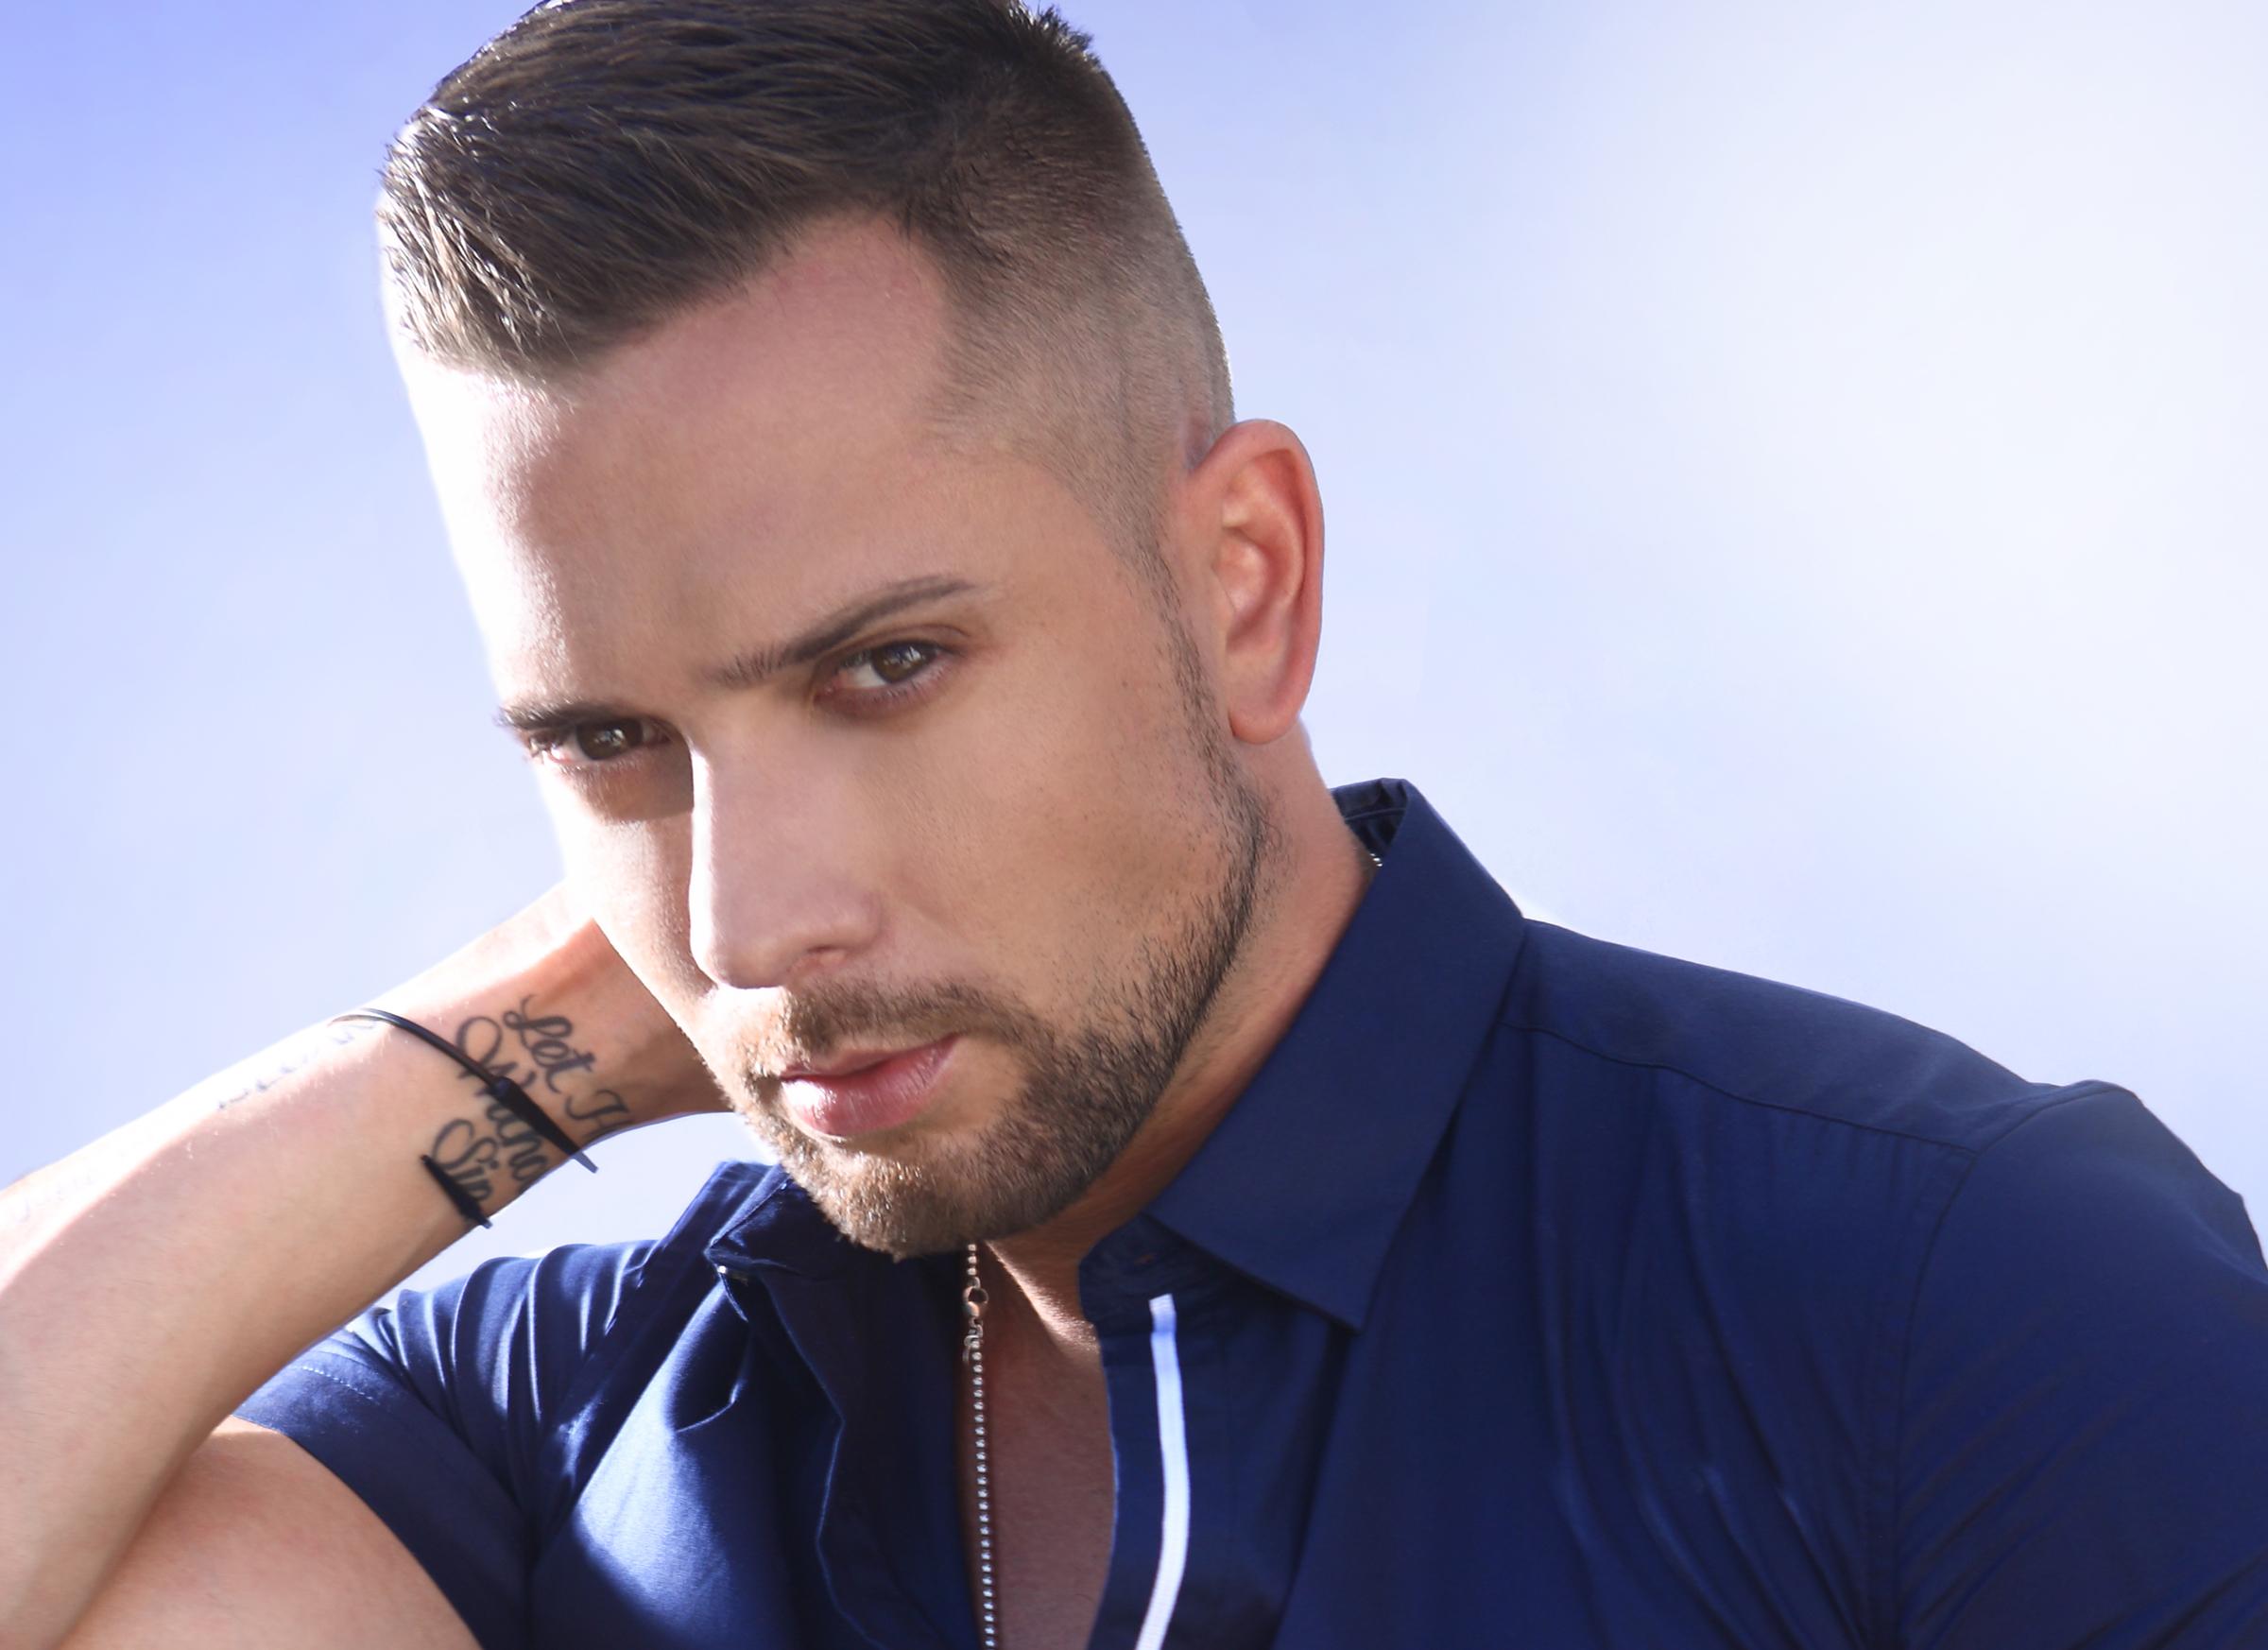 Singer Davide Hernandez to headline Grand Rapids Pride Festival.